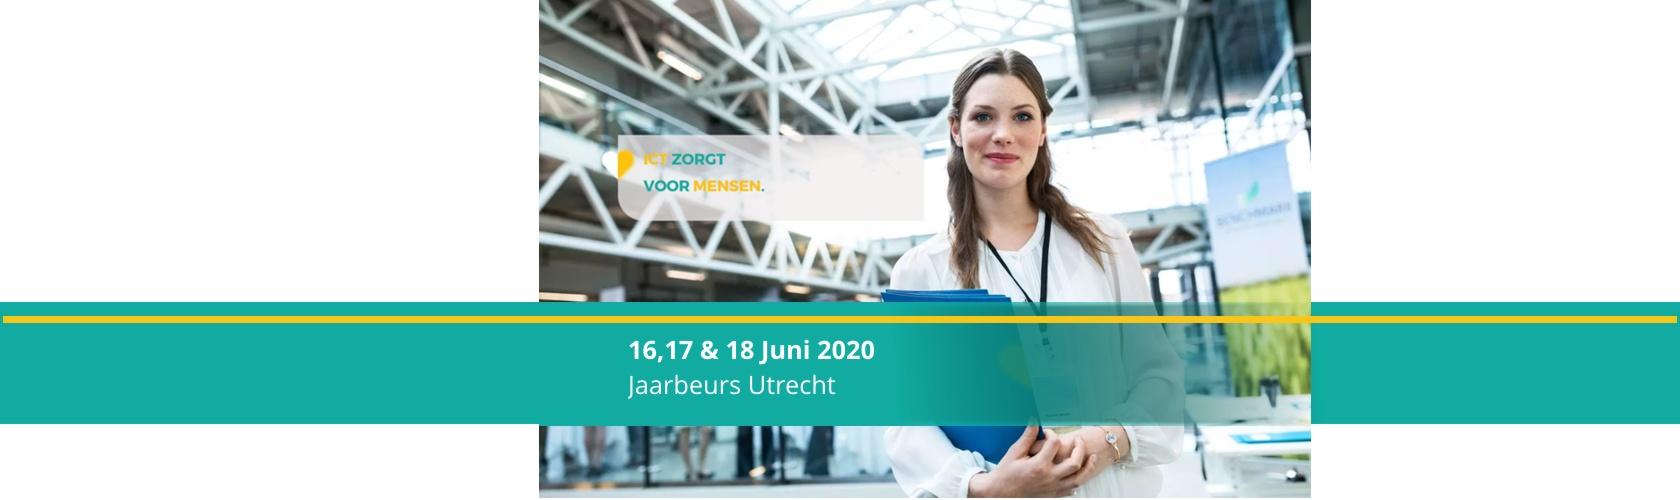 Zorg & ICT Beurs 2020